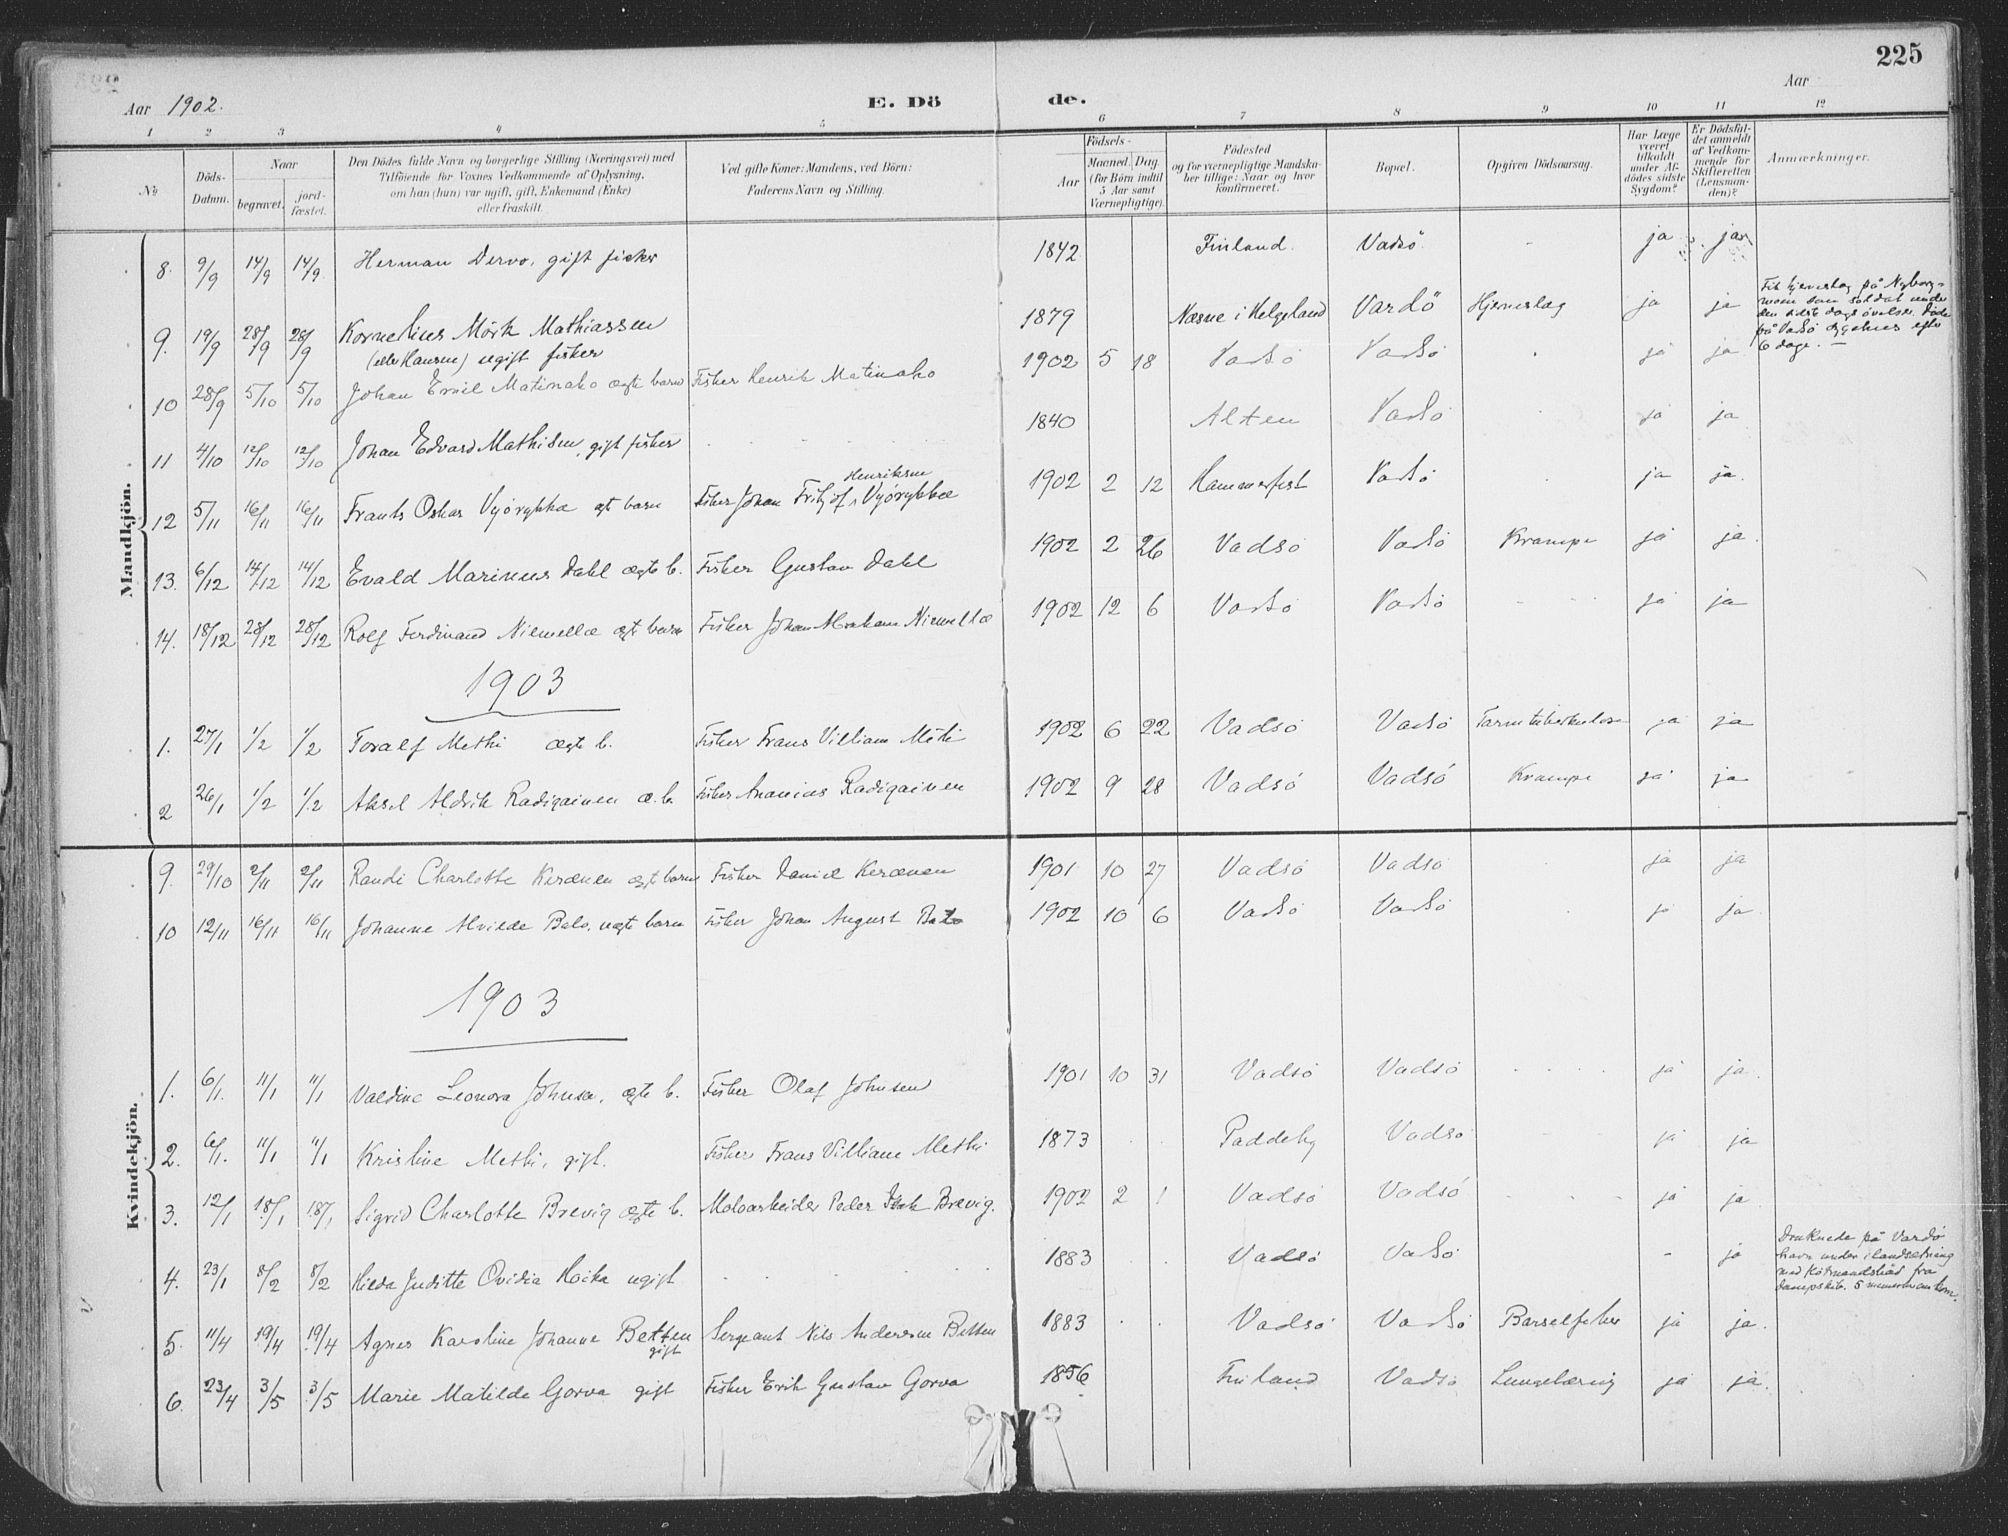 SATØ, Vadsø sokneprestkontor, H/Ha/L0007kirke: Ministerialbok nr. 7, 1896-1916, s. 225